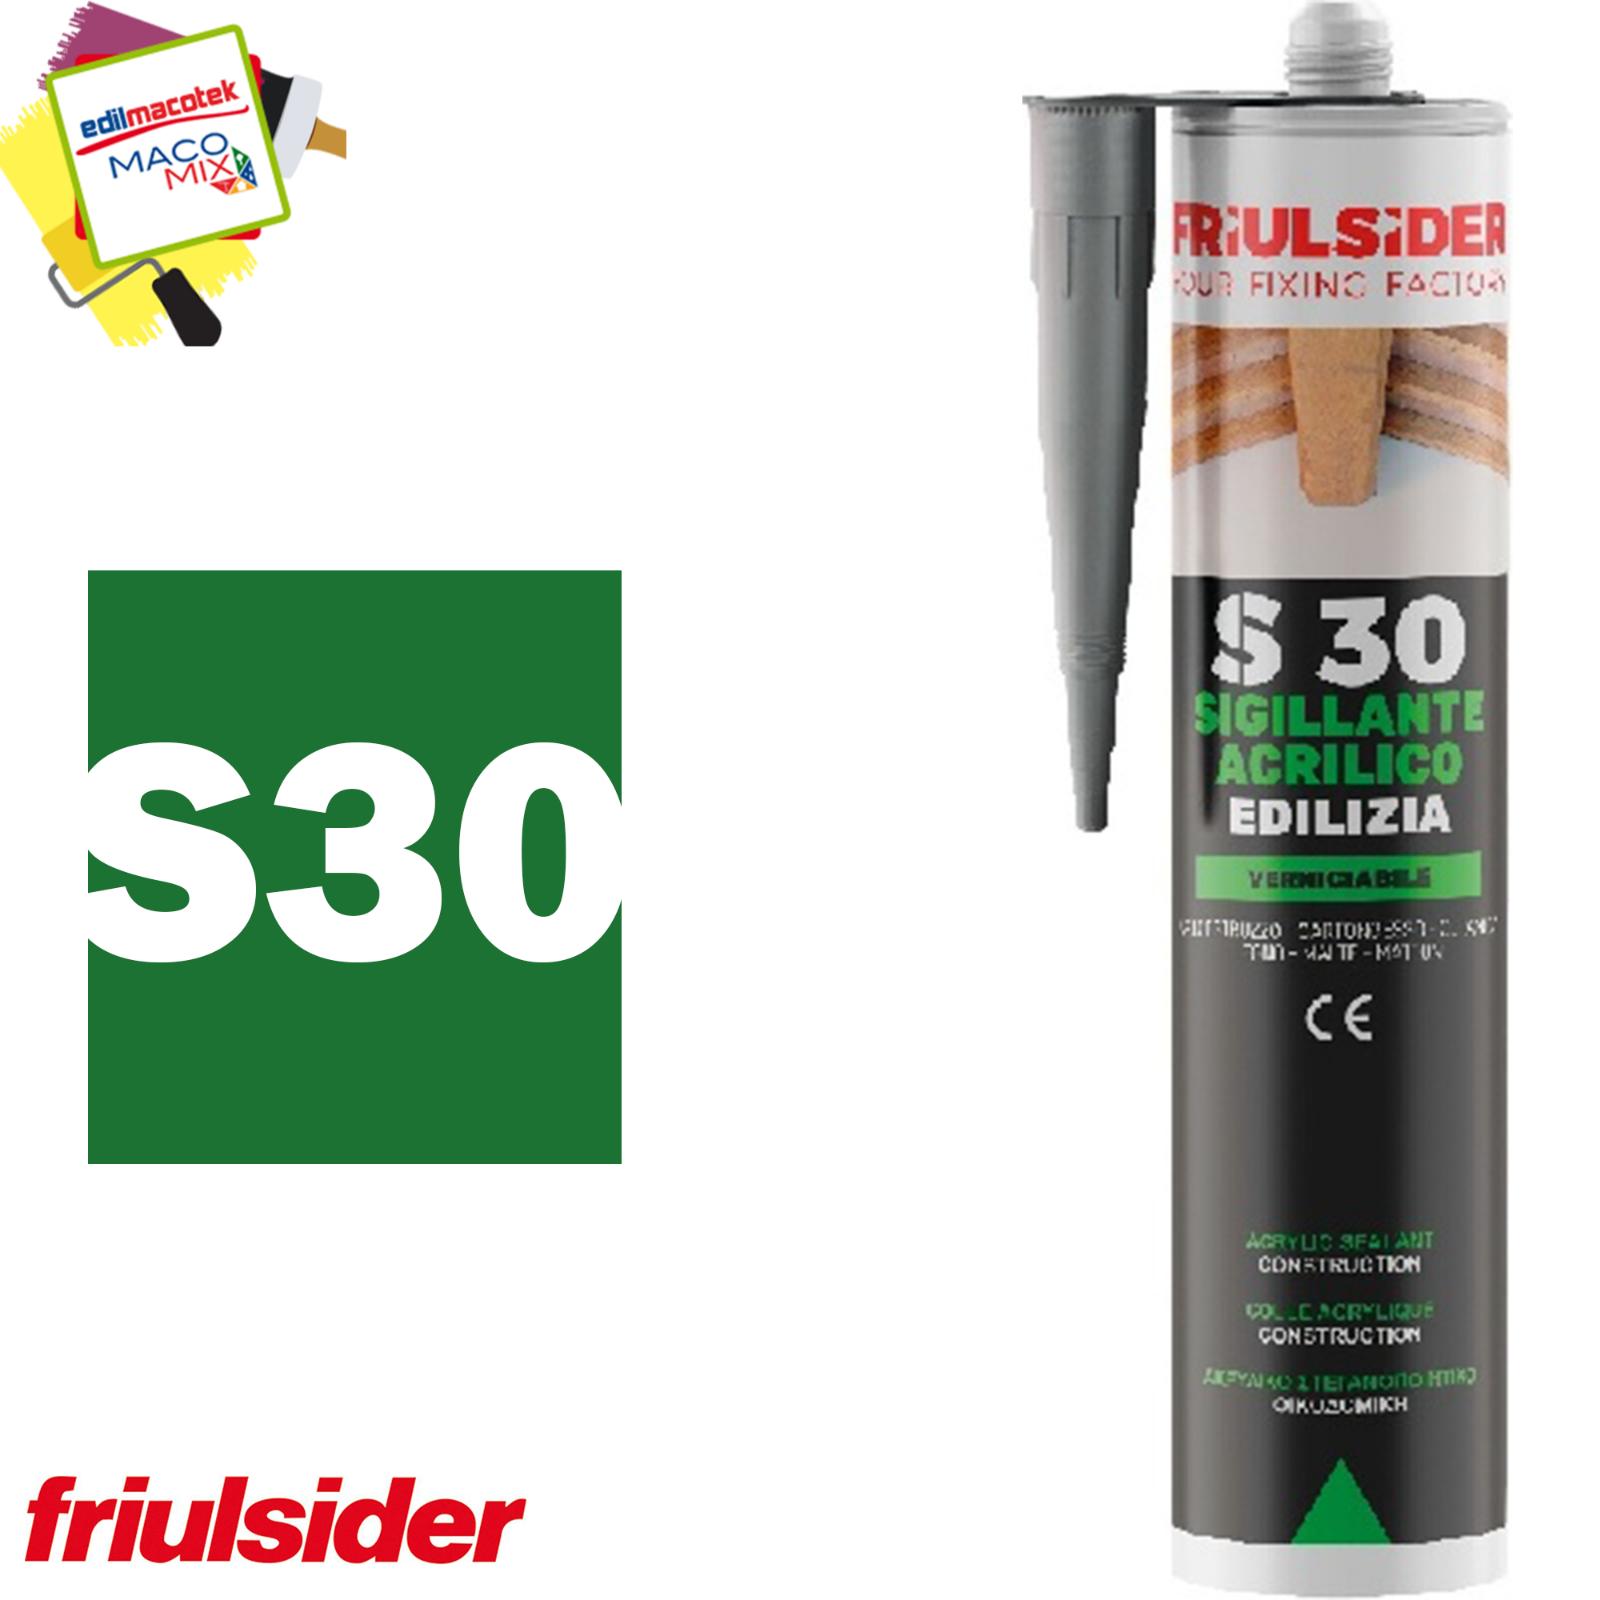 Silicone Sigillante Acrilico Per L' Edilizia Friulsider S30 Bianco 310ml Multi Superfici